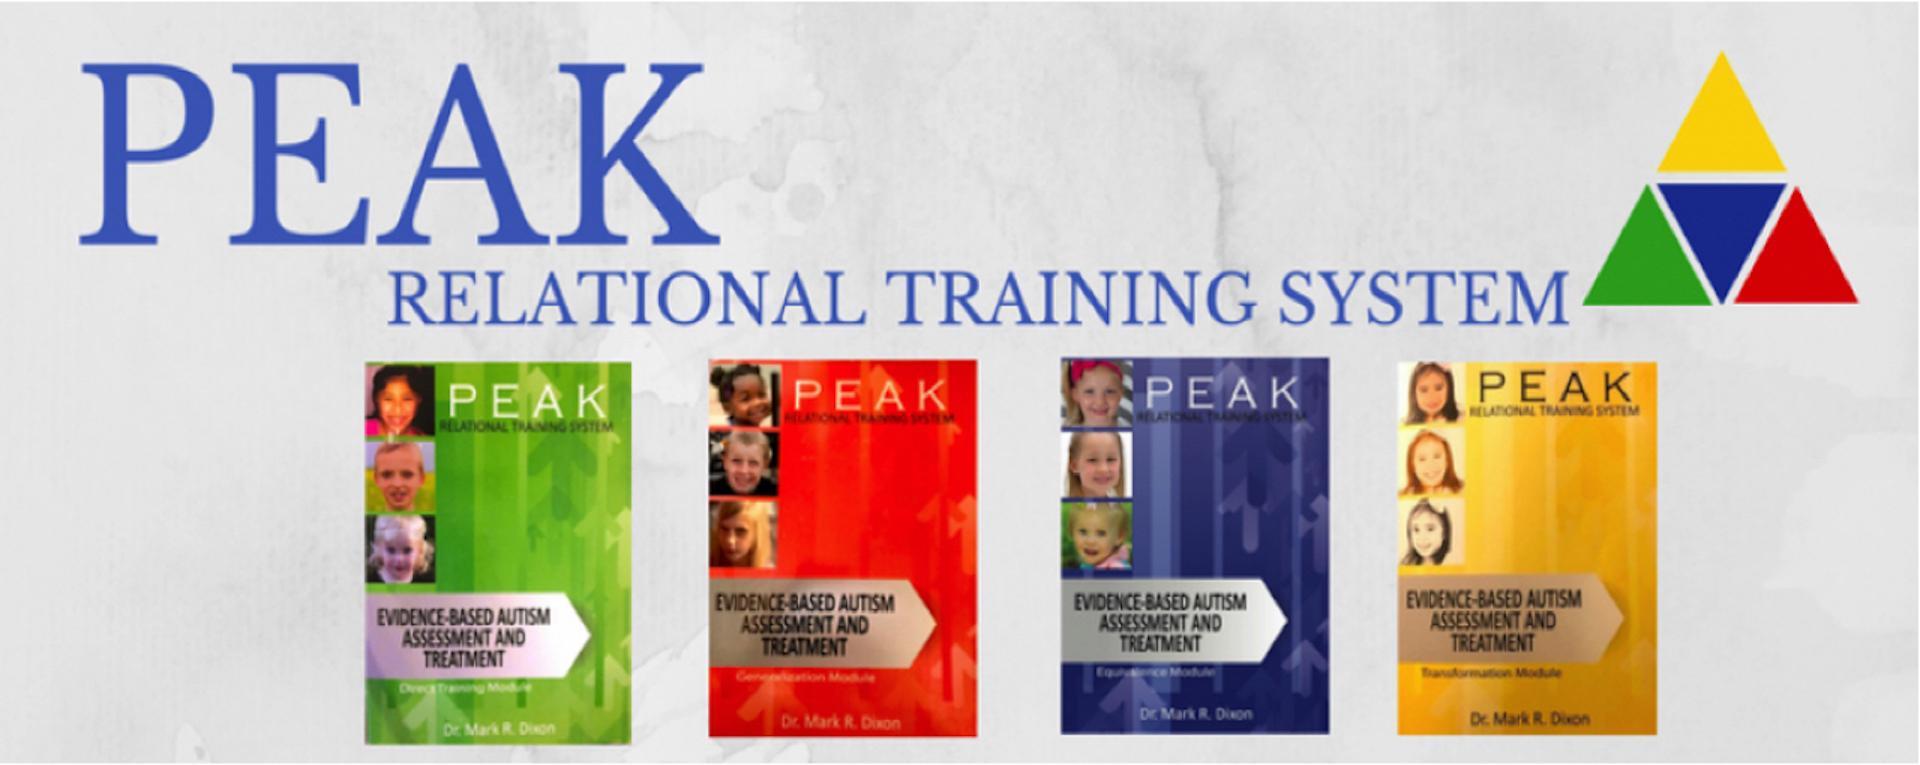 PEAK ABA Level 1 Training - New York, NY Area